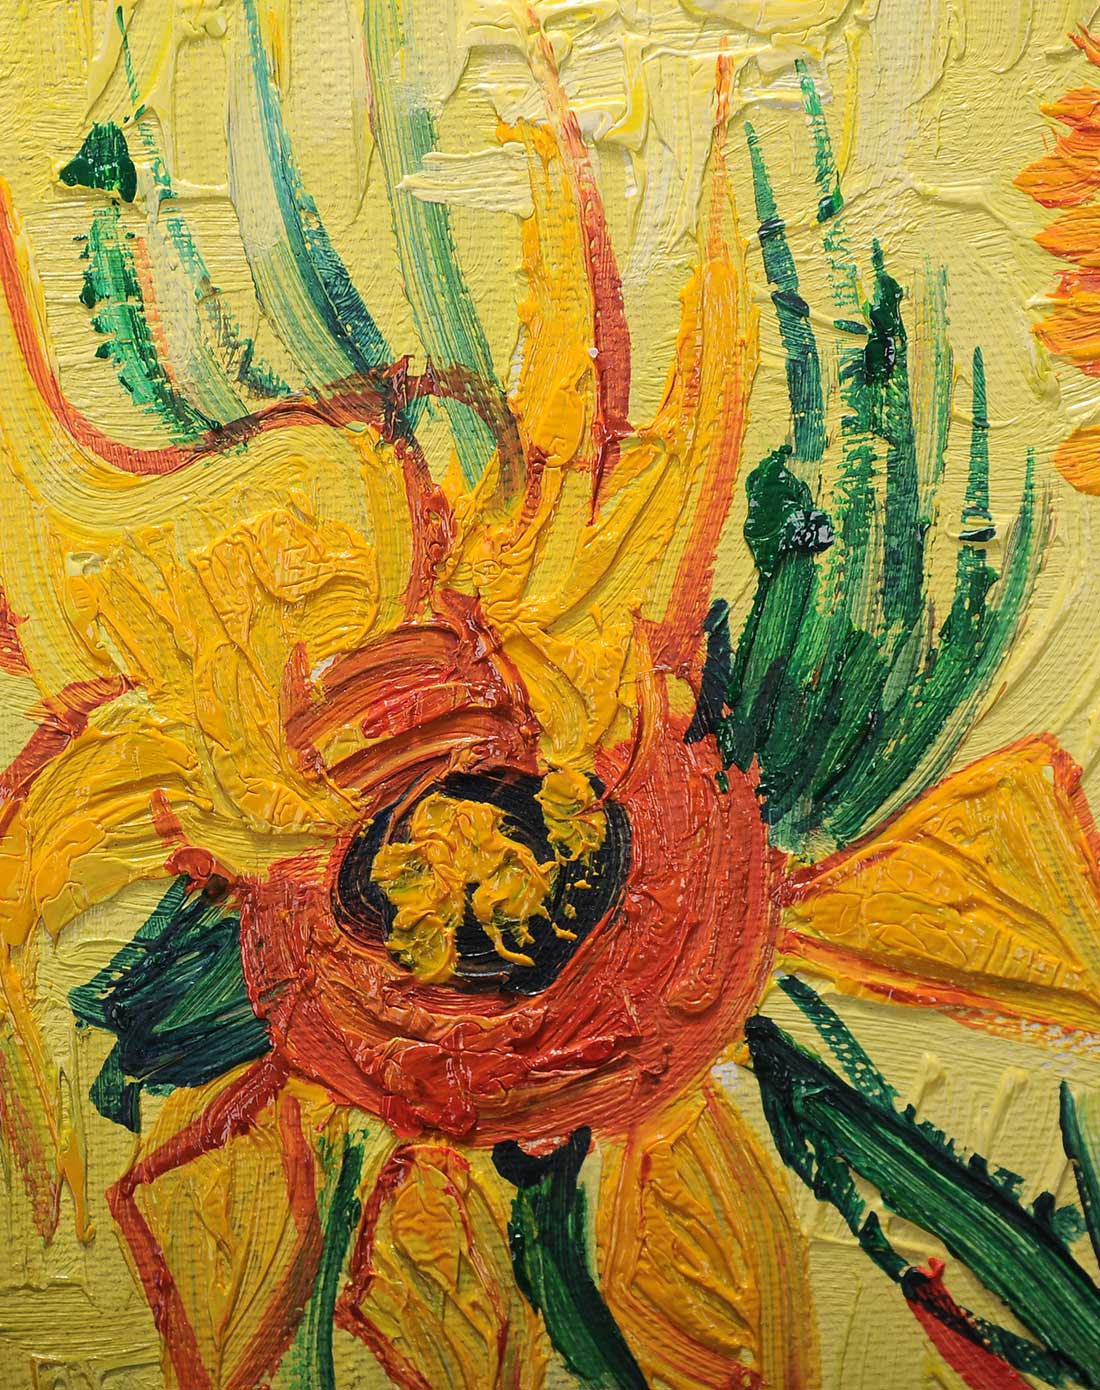 纯手绘油画-梵高盛开的向日葵